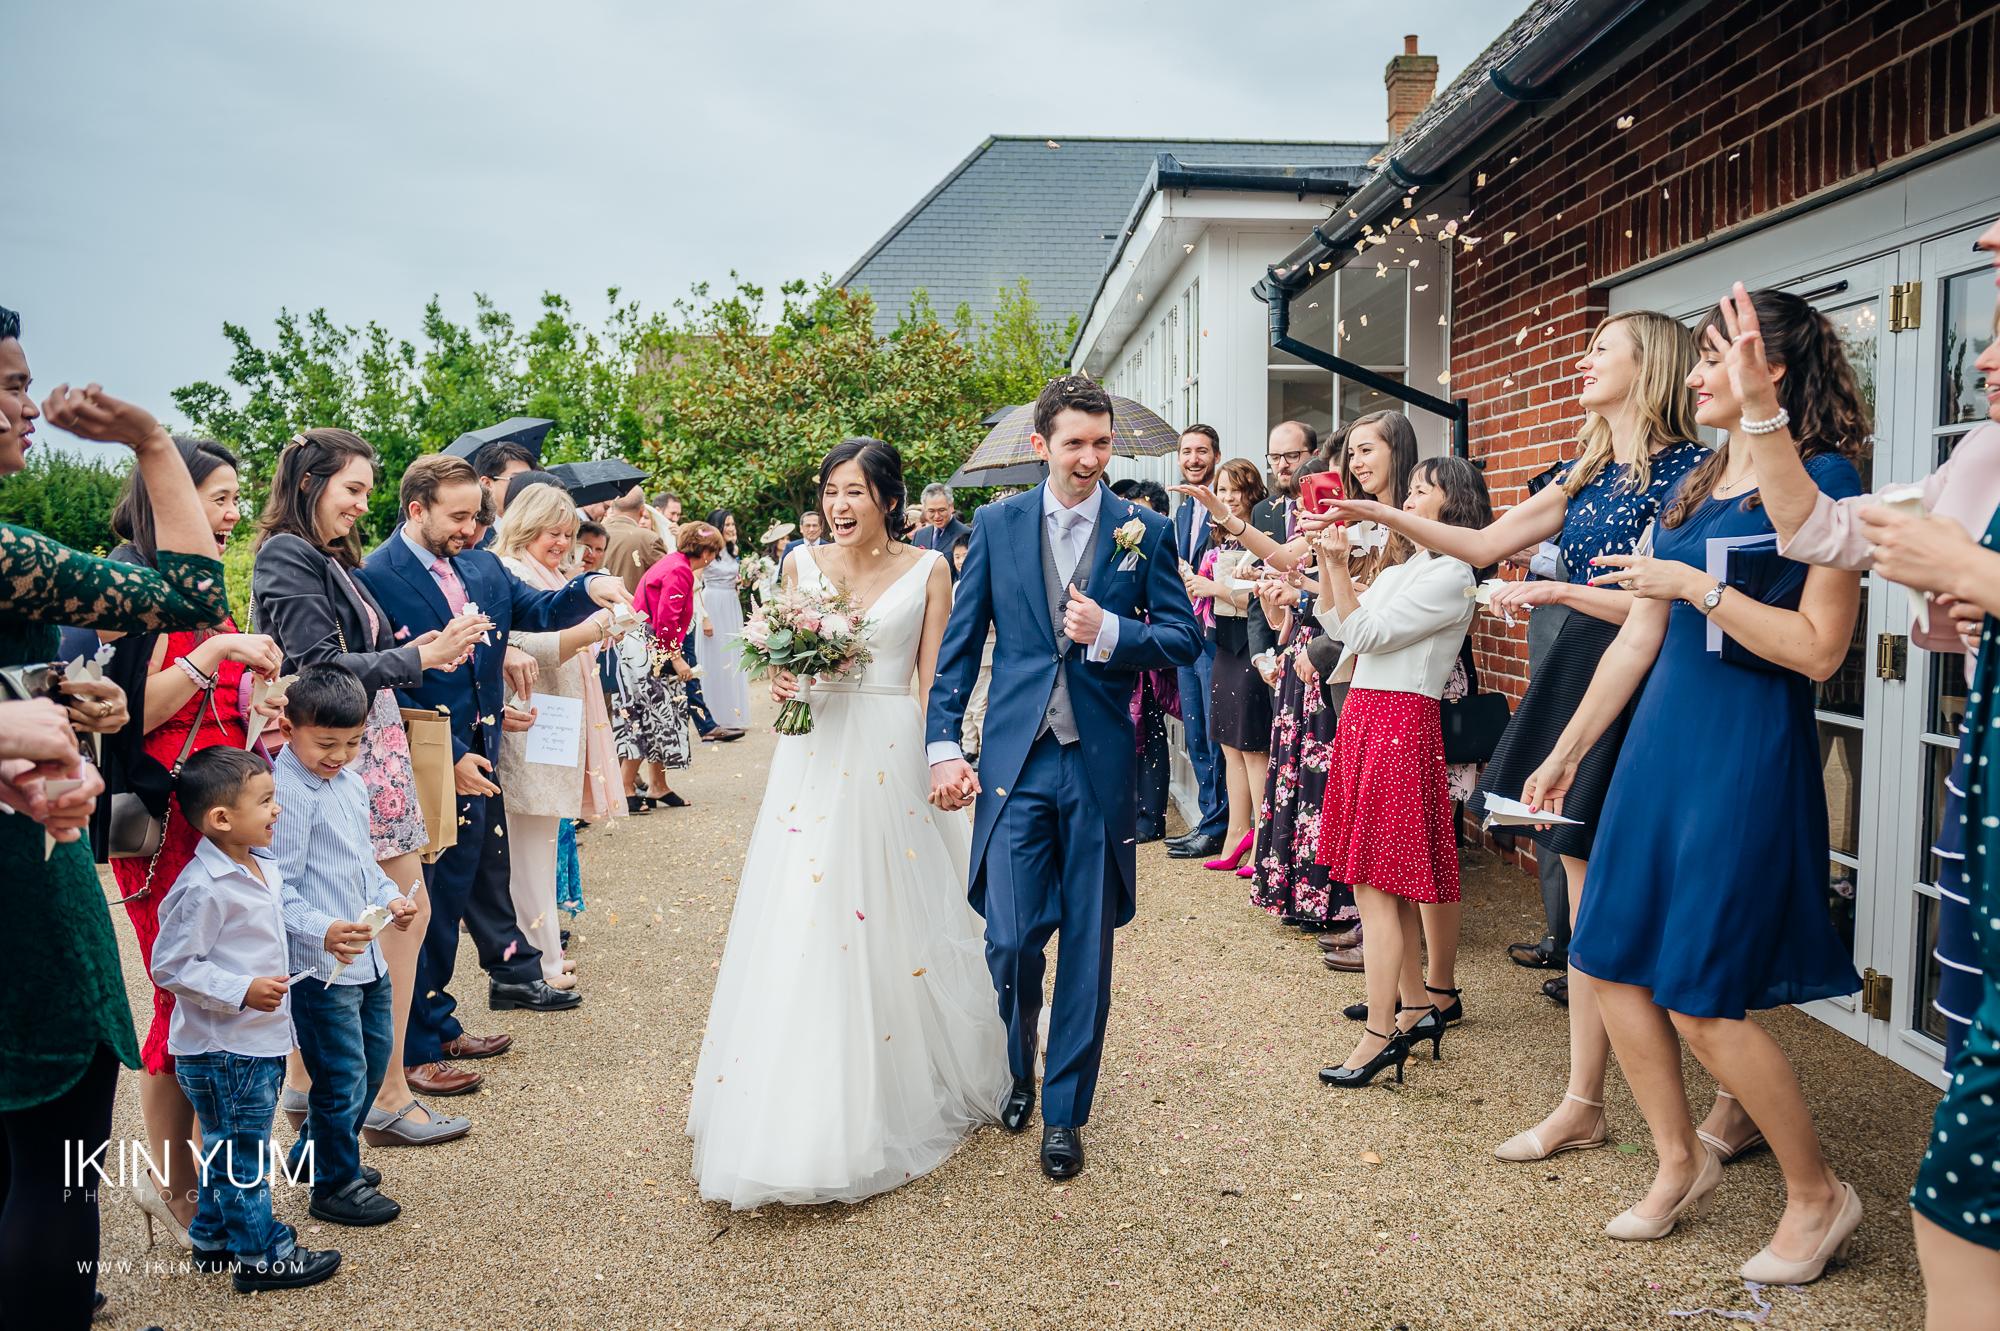 Nicola & Jonny Wedding Day - Ikin Yum Photography-086.jpg